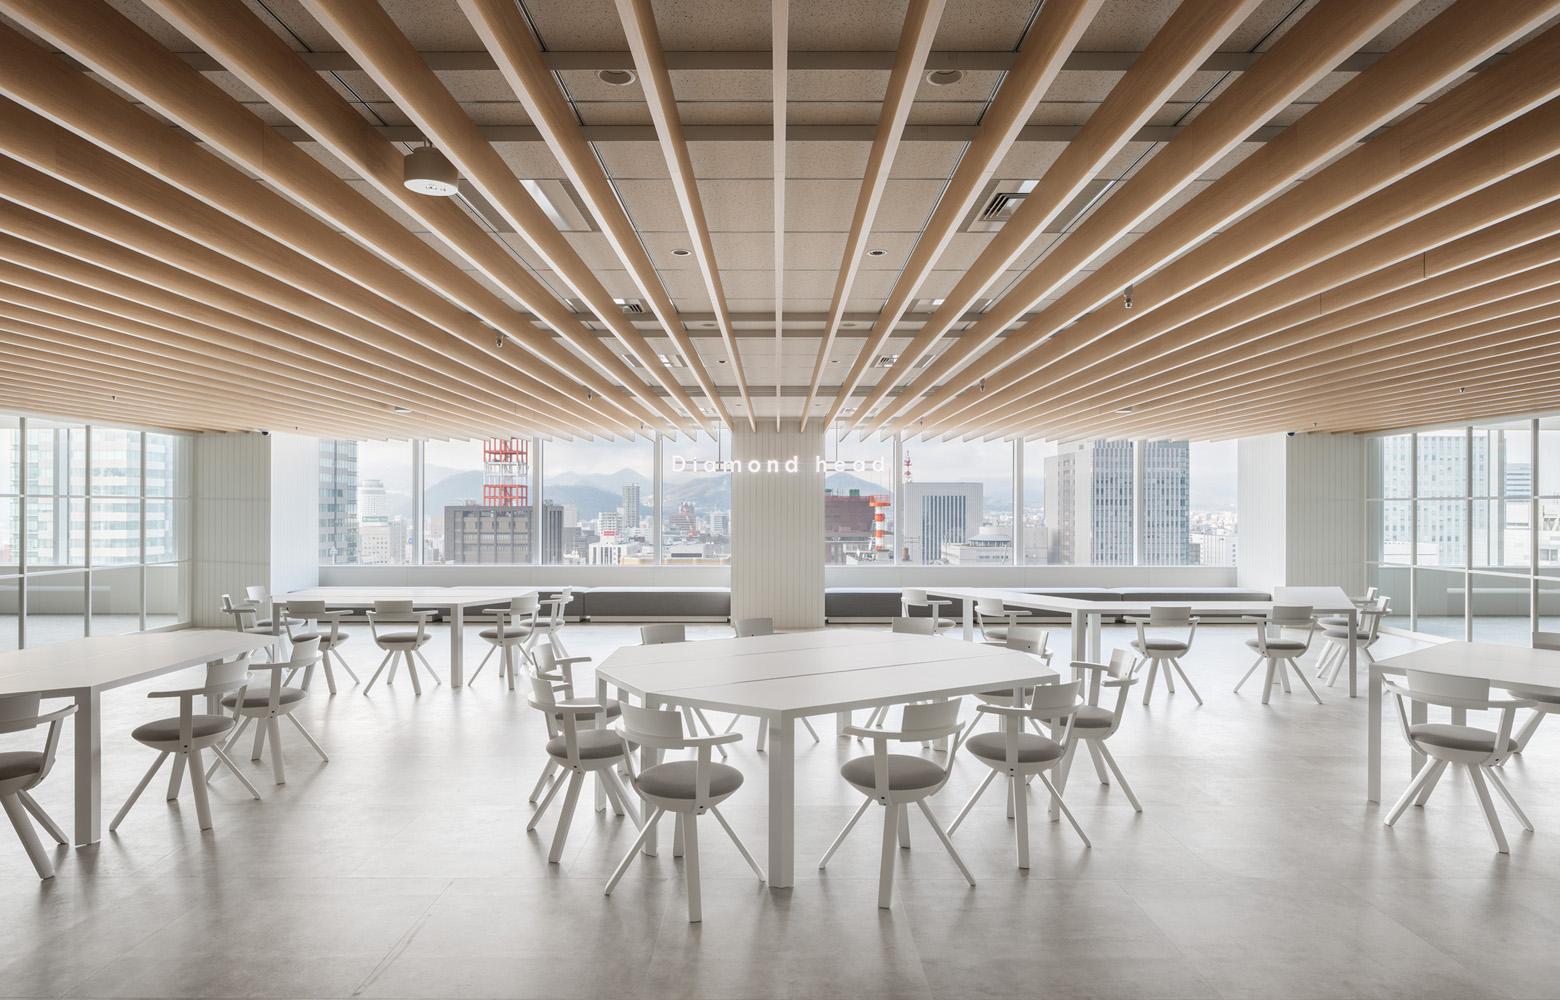 ダイアモンドヘッド株式会社  Sapporo Office Free Space デザイン・レイアウト事例